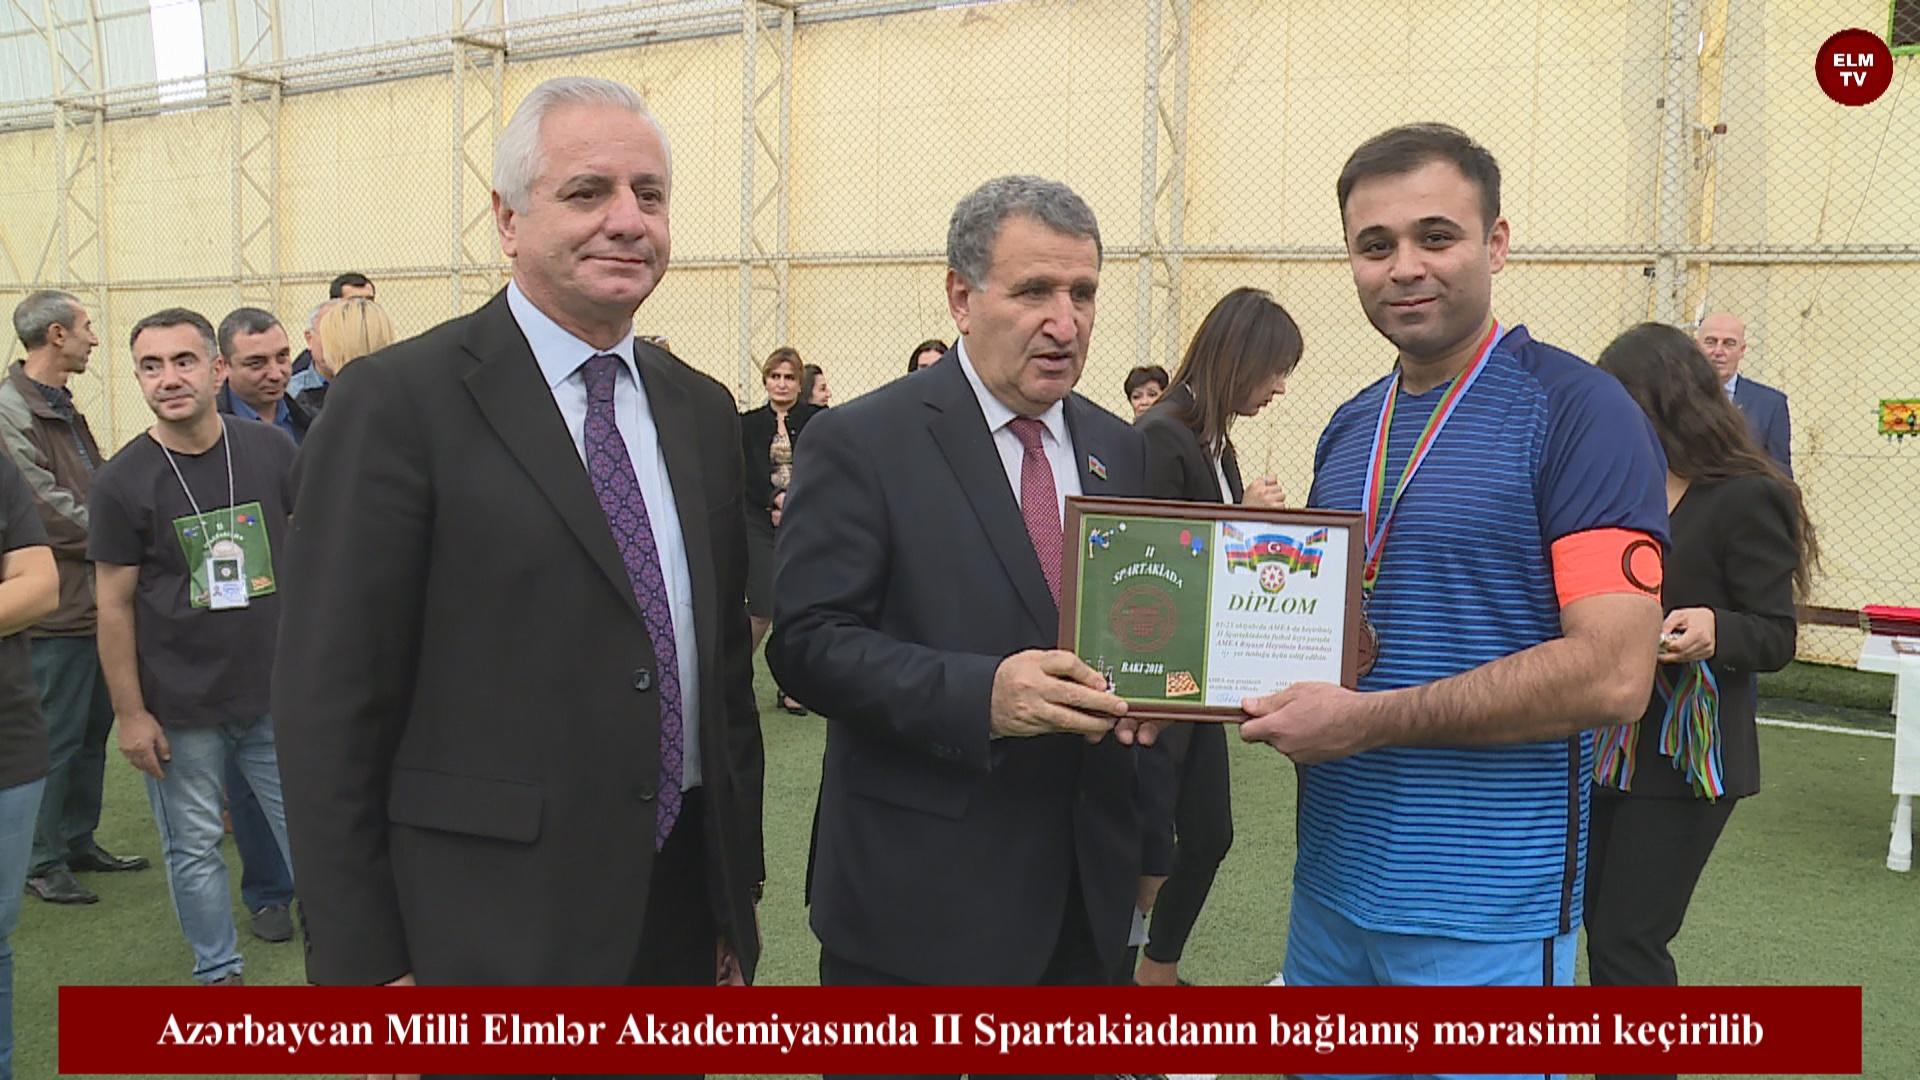 Azərbaycan Milli Elmlər Akademiyasında II Spartakiadanın bağlanış mərasimi keçirilib